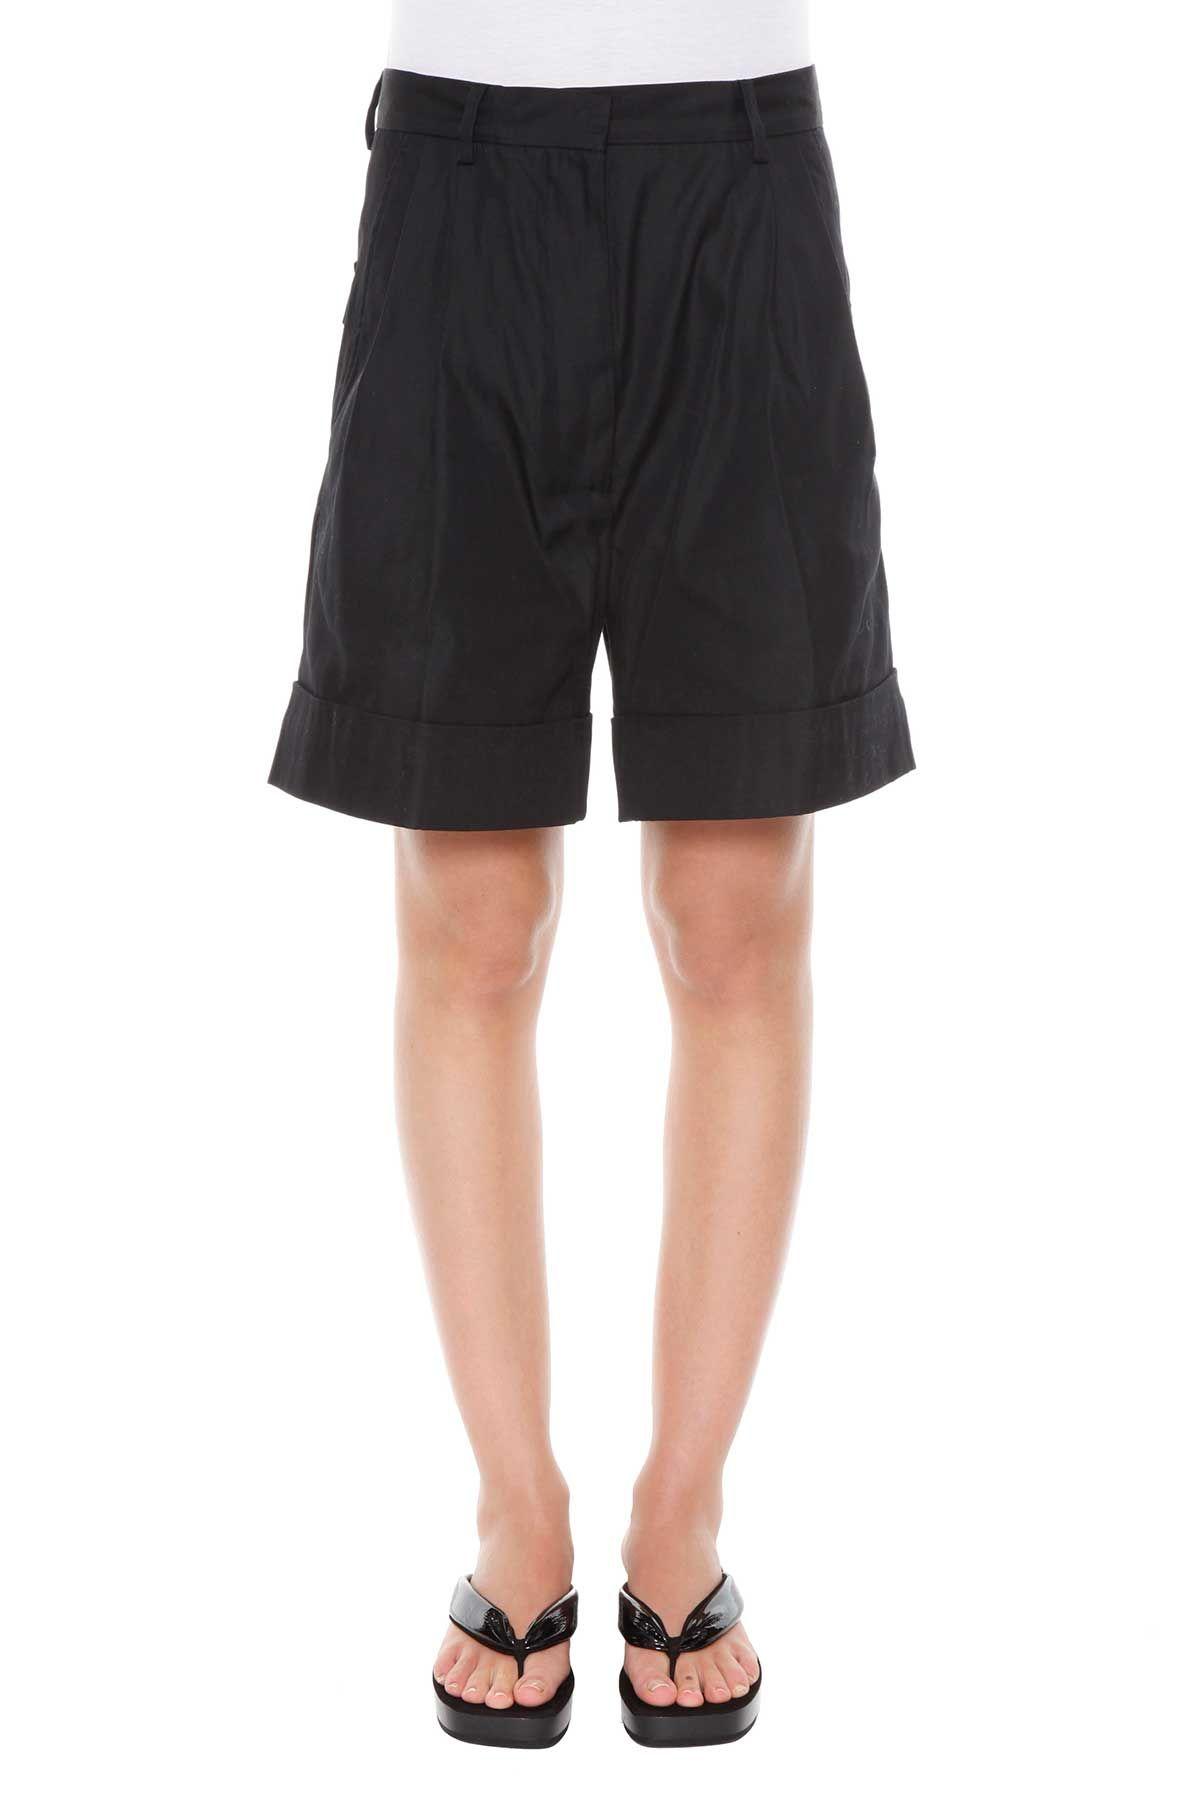 Dries Van Noten Front Pleats Shorts